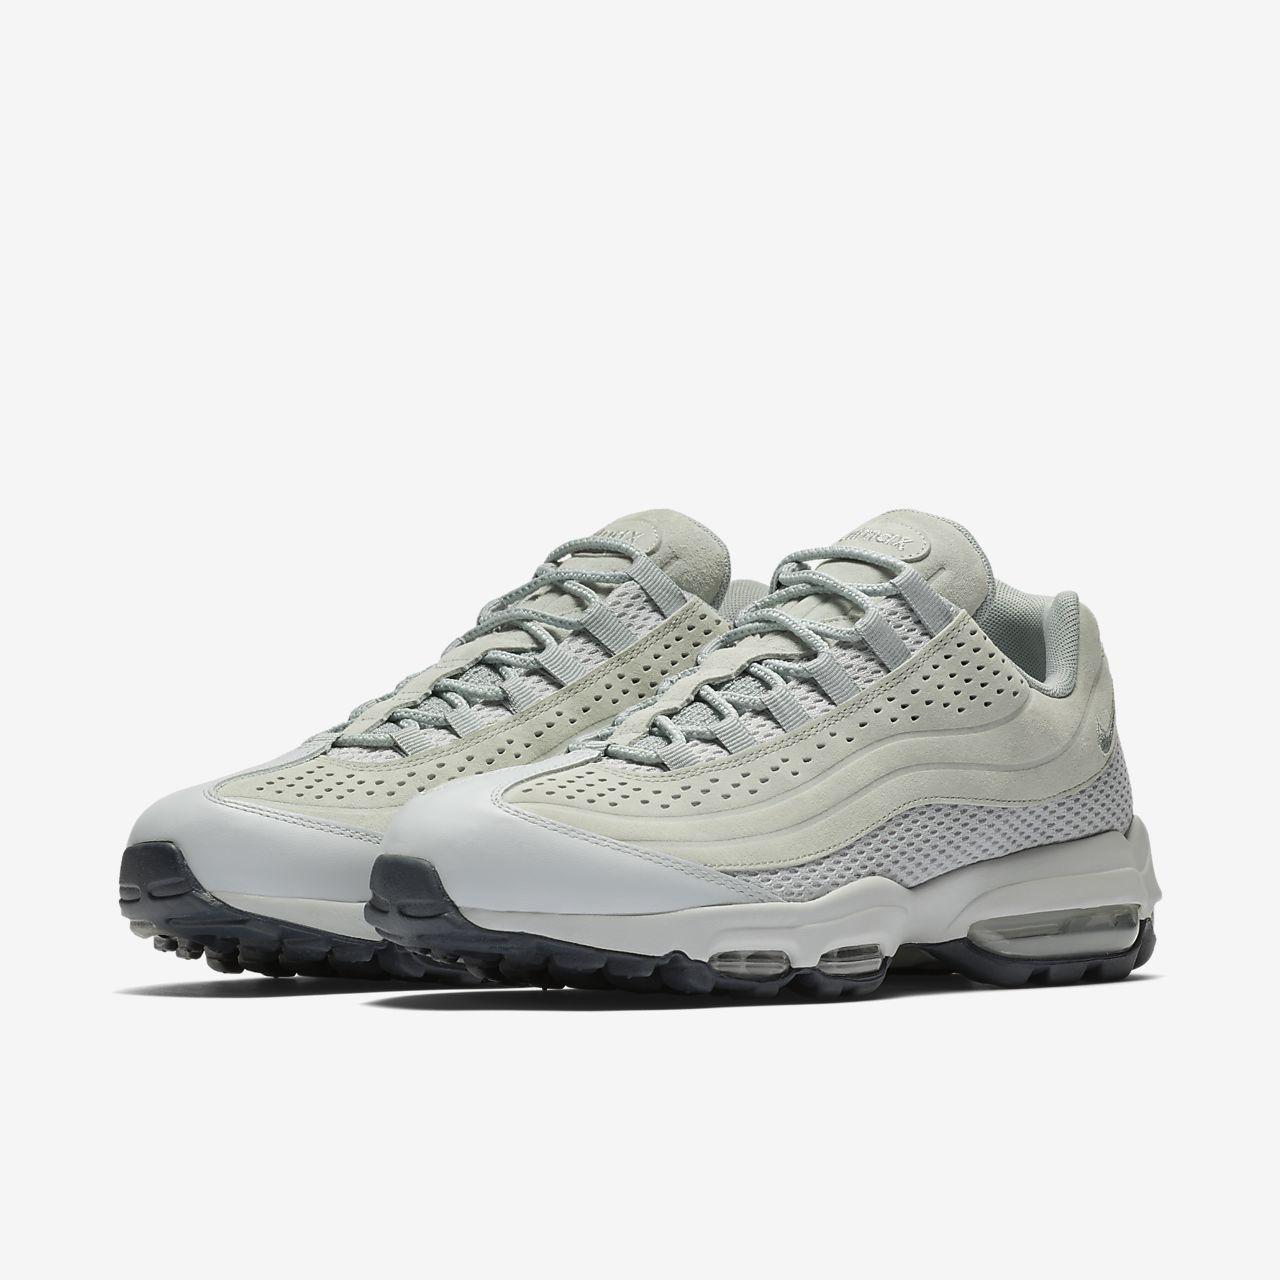 ... Nike Air Max 95 Ultra Premium BR Men's Shoe